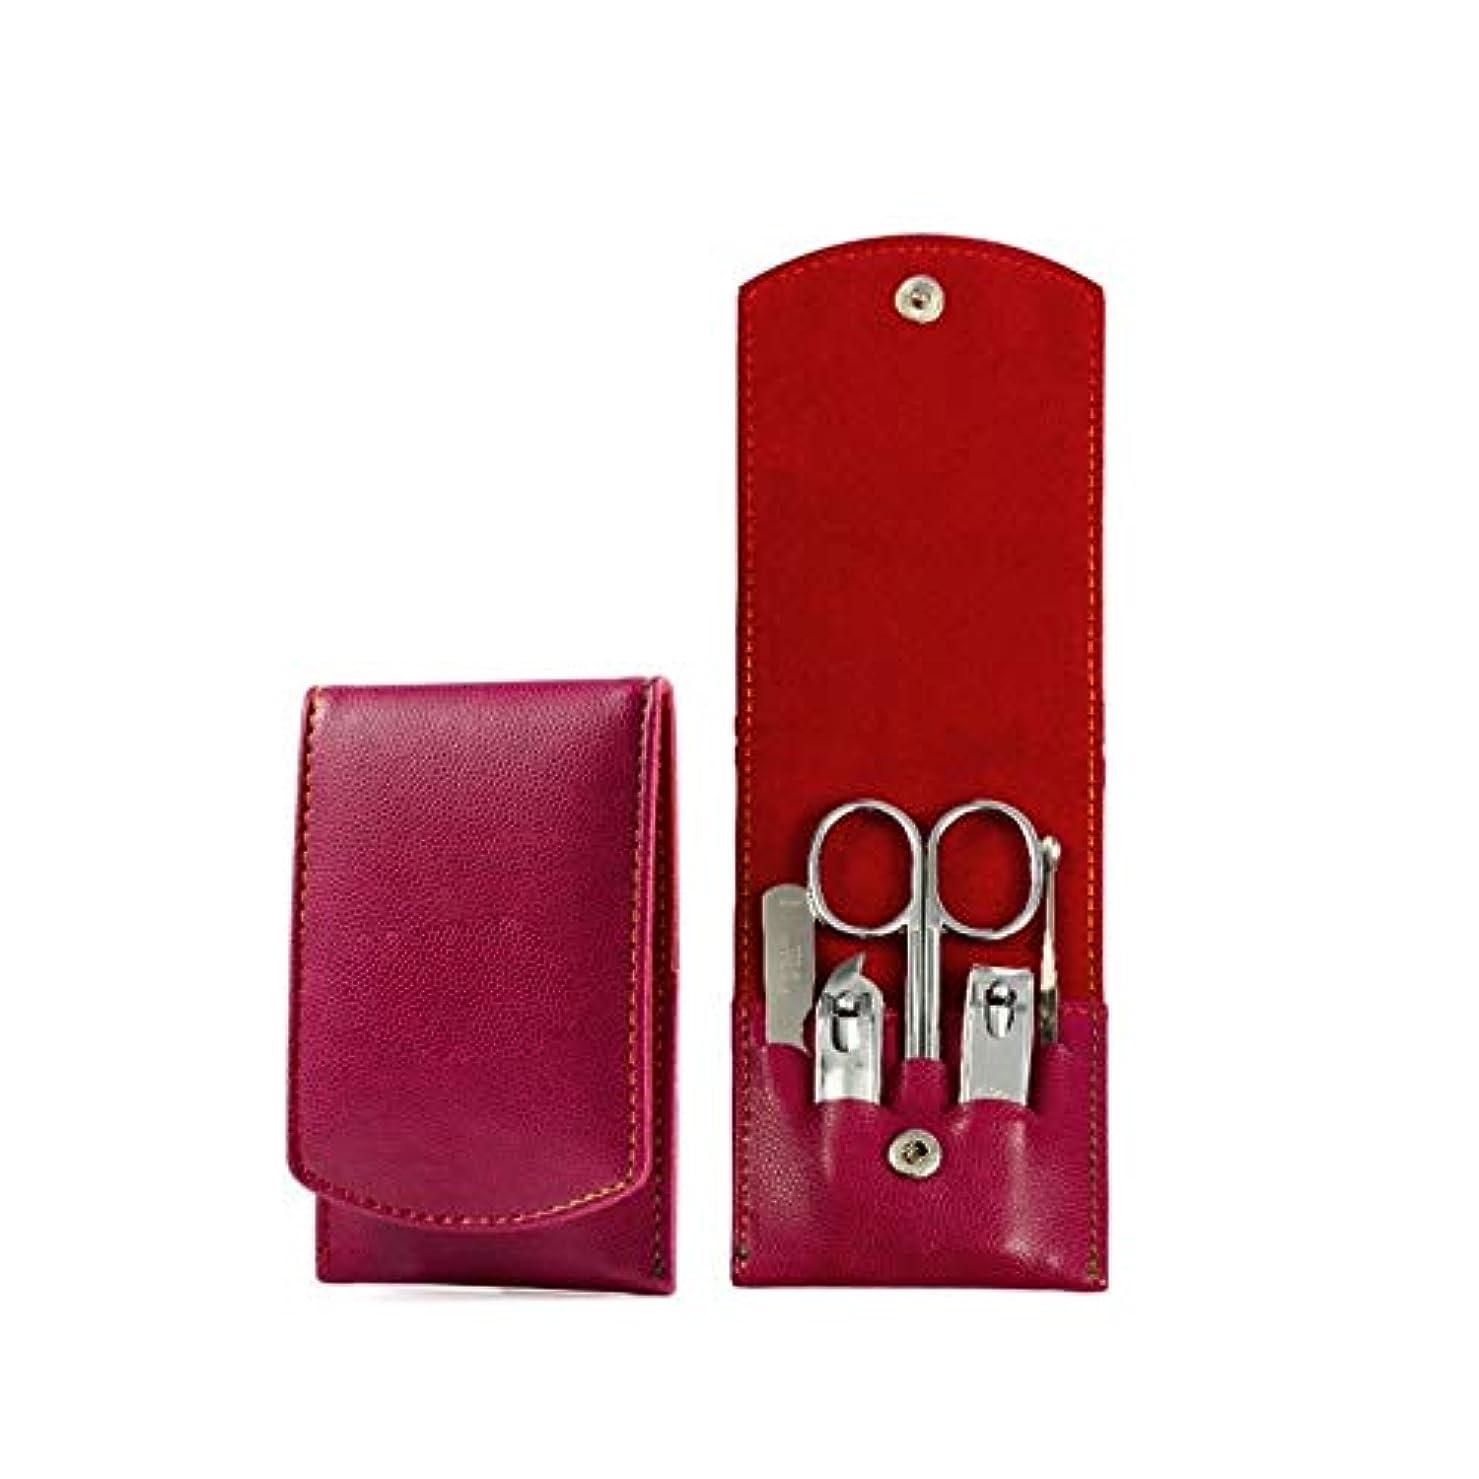 窒息させるバンカースパークTUOFL リペアコンビネーションマニキュアと美容ツール5セット、大型機能アクセサリーセット、シャープで耐久性 (Color : Red)